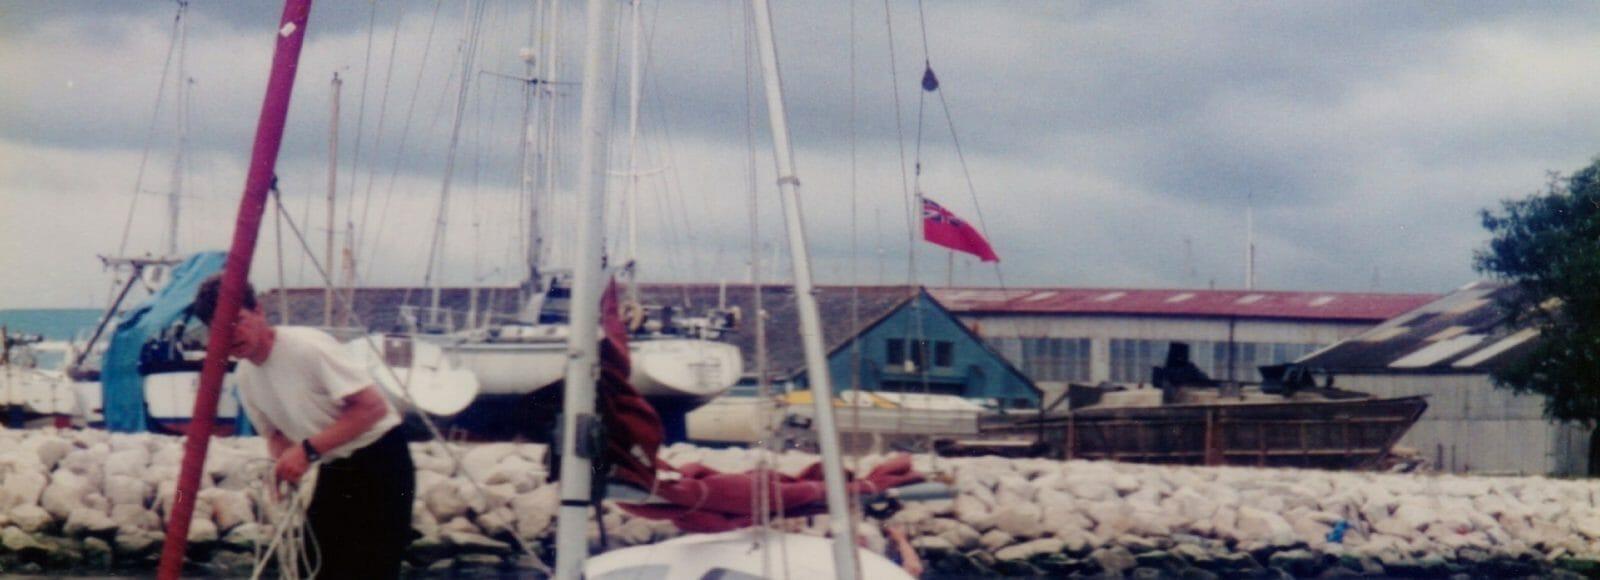 A60 Achates (7) 1996 At MDL Hamble